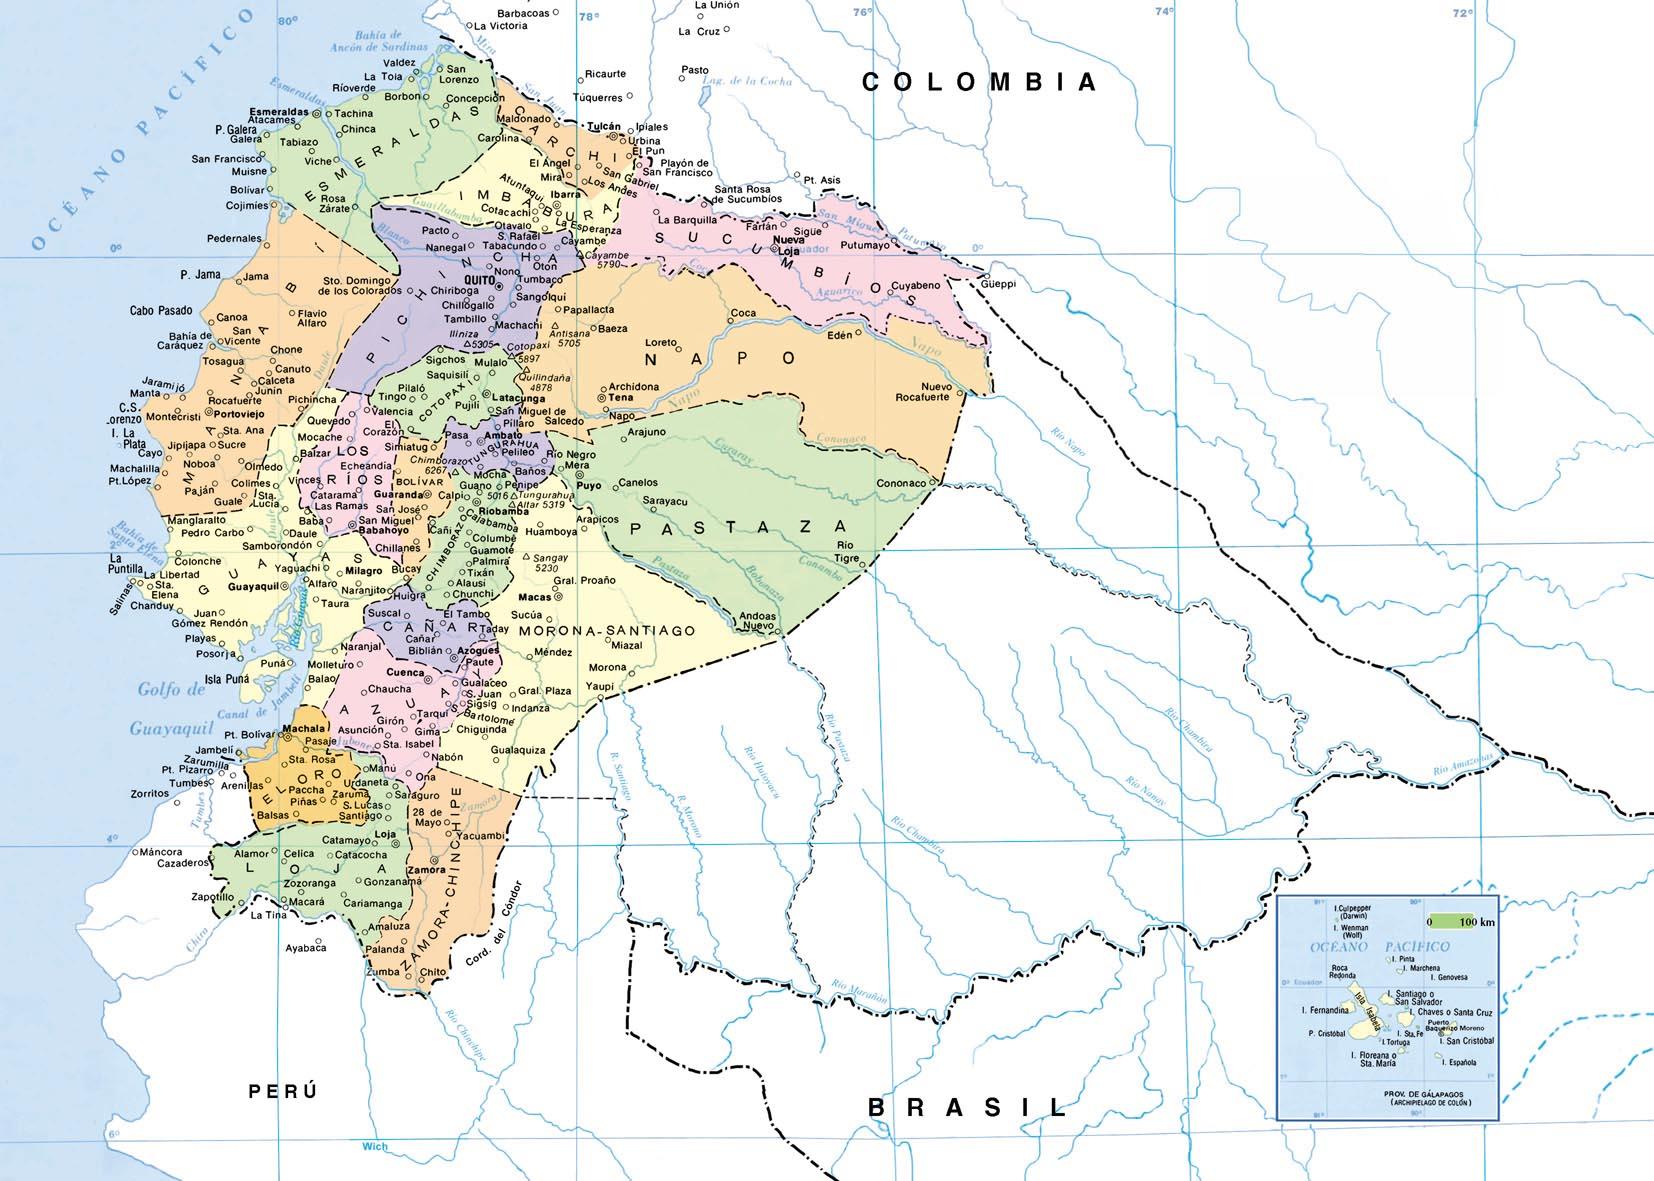 Mapa-politico-del-Ecuador.jpg Mapa de Ecuador Online